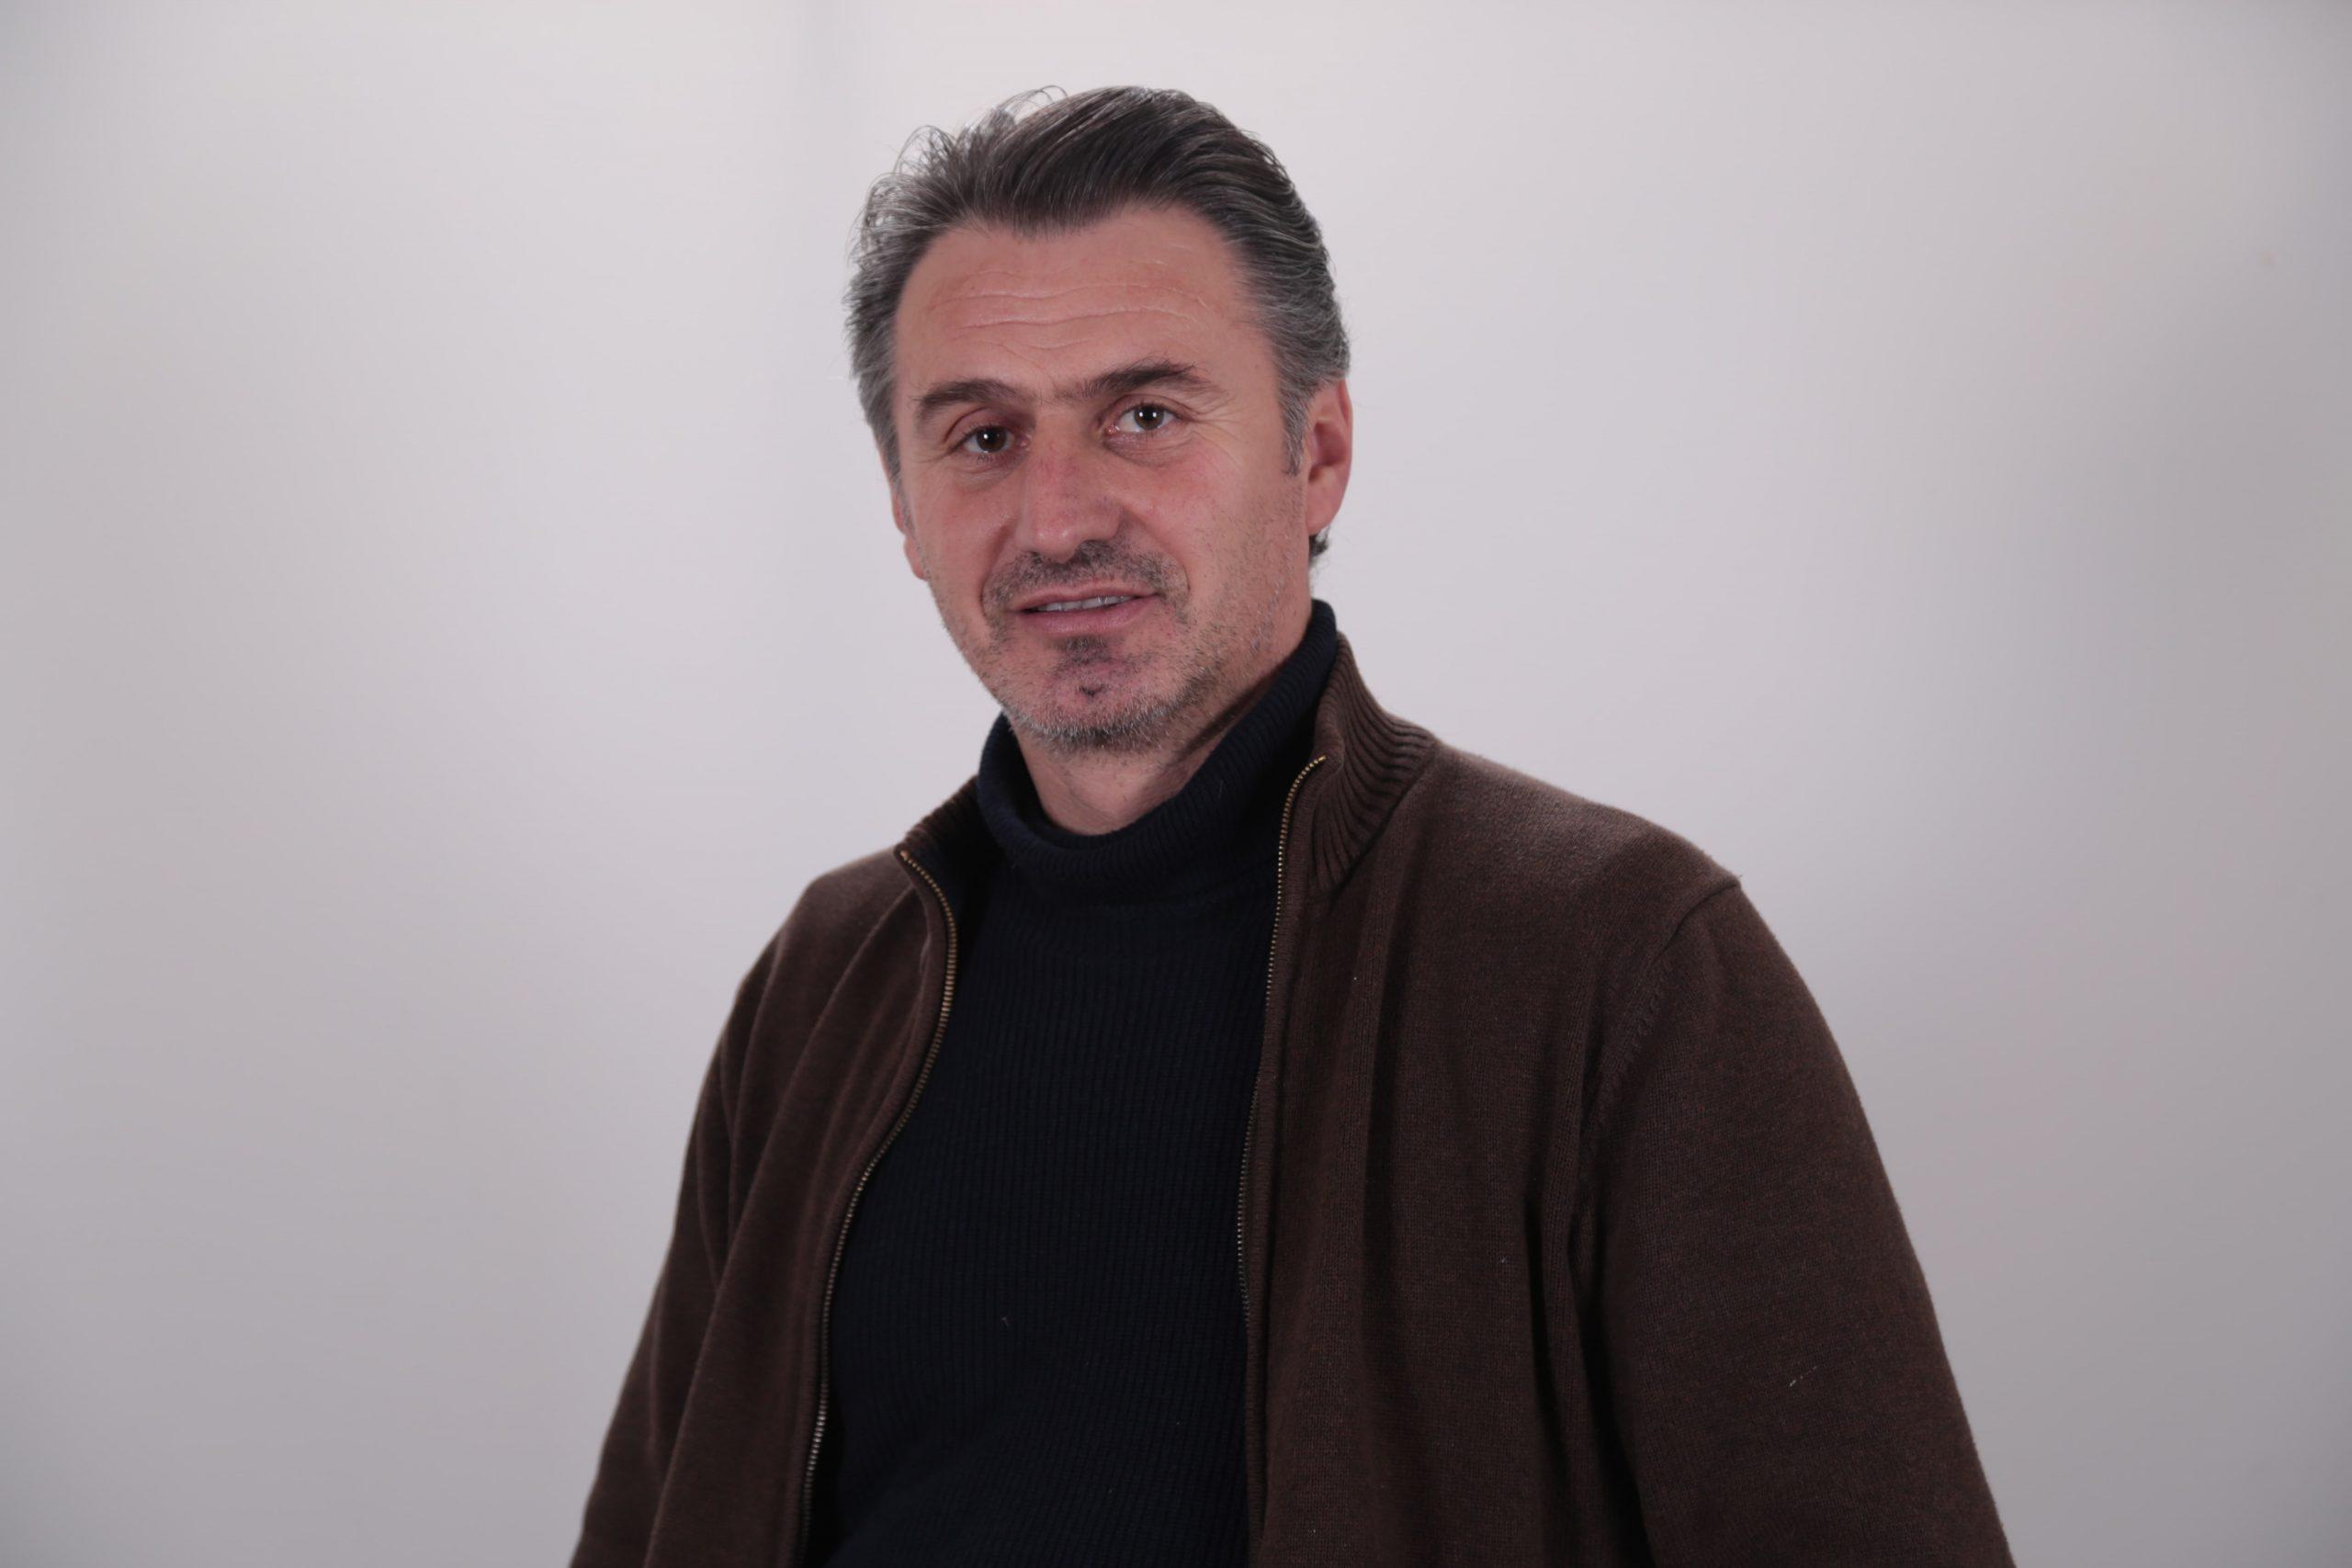 Arben Arifi